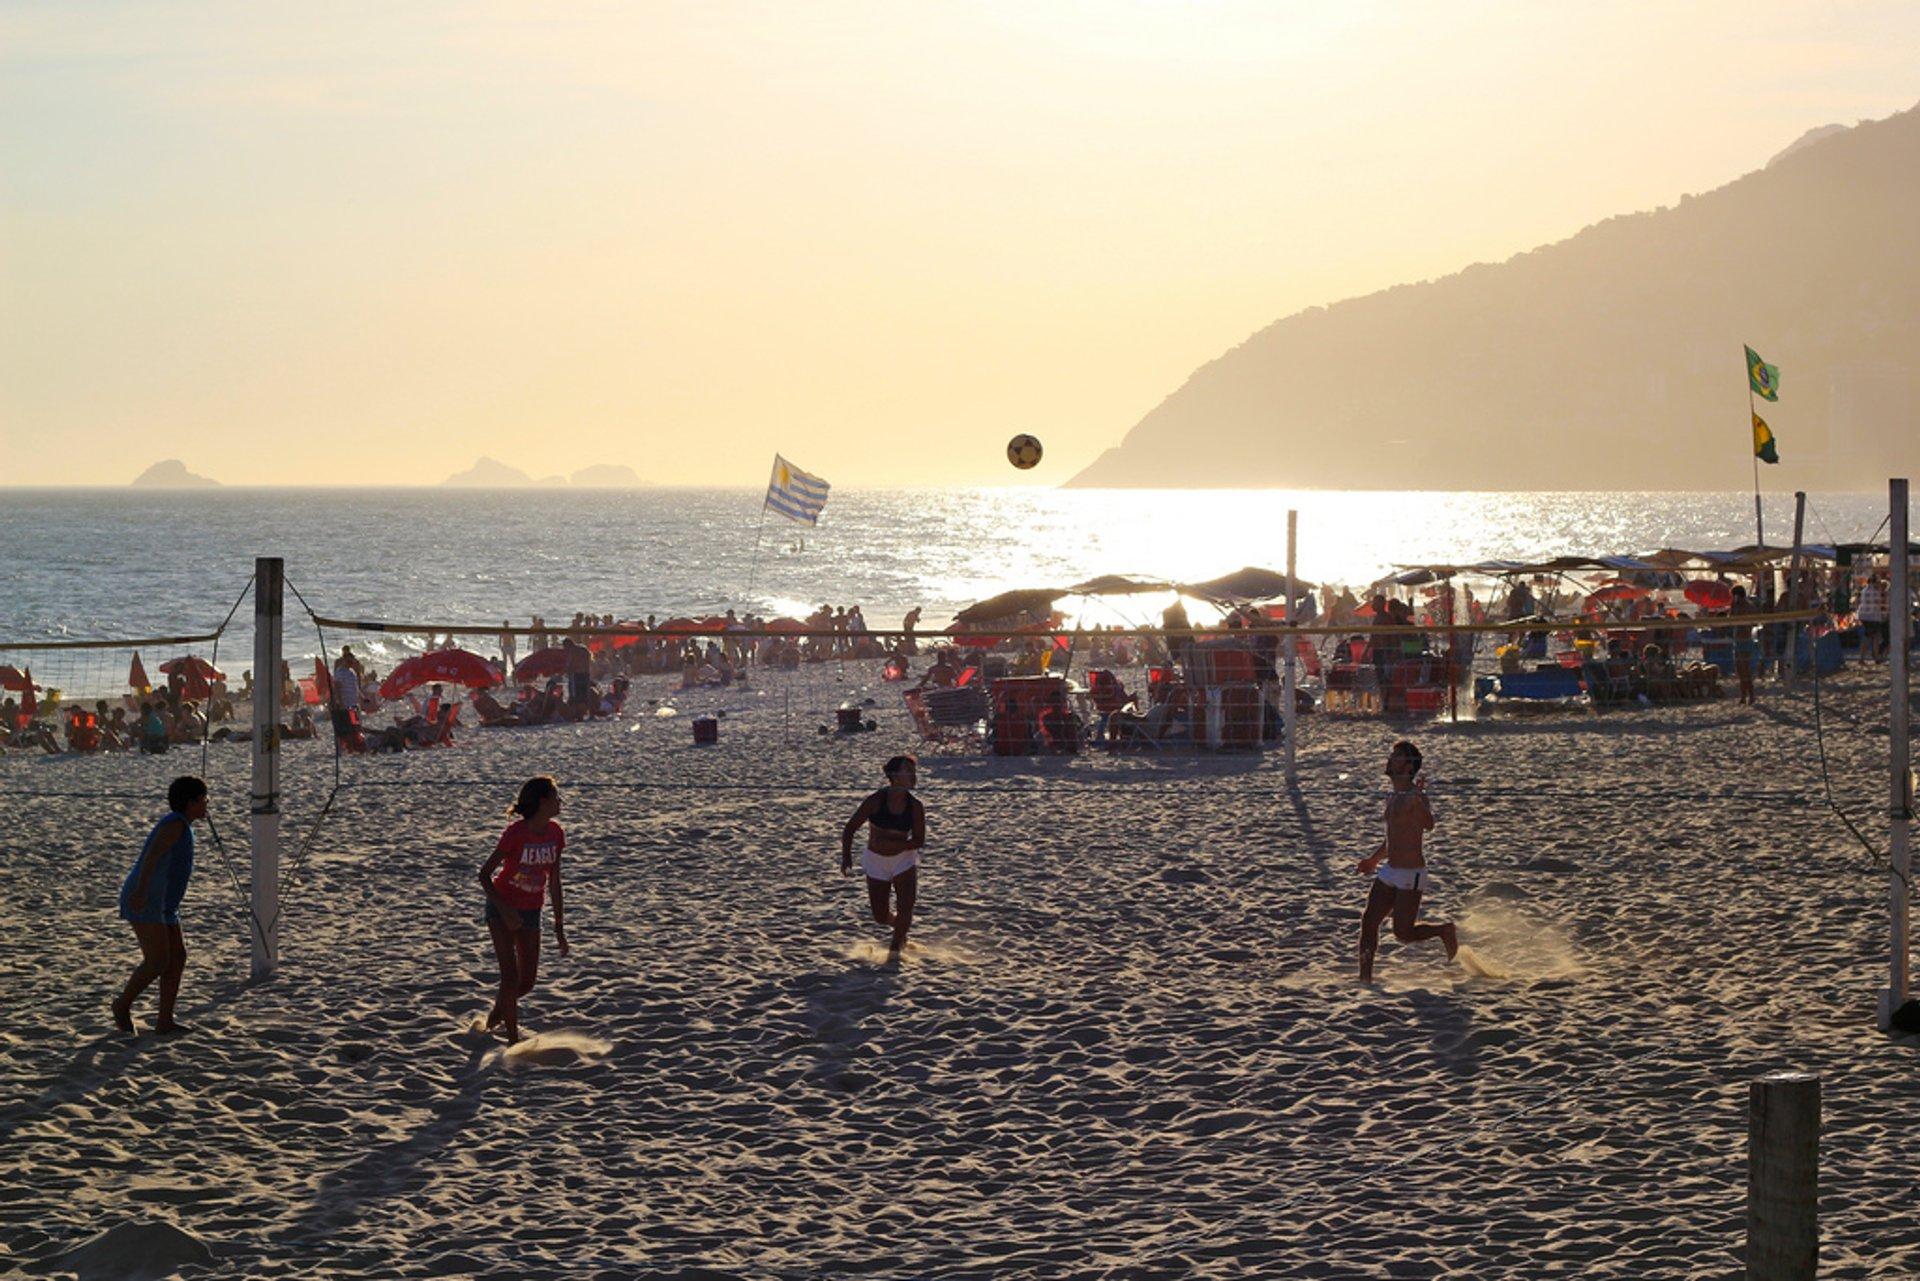 Futevôlei or Footvolley in Rio de Janeiro - Best Season 2020